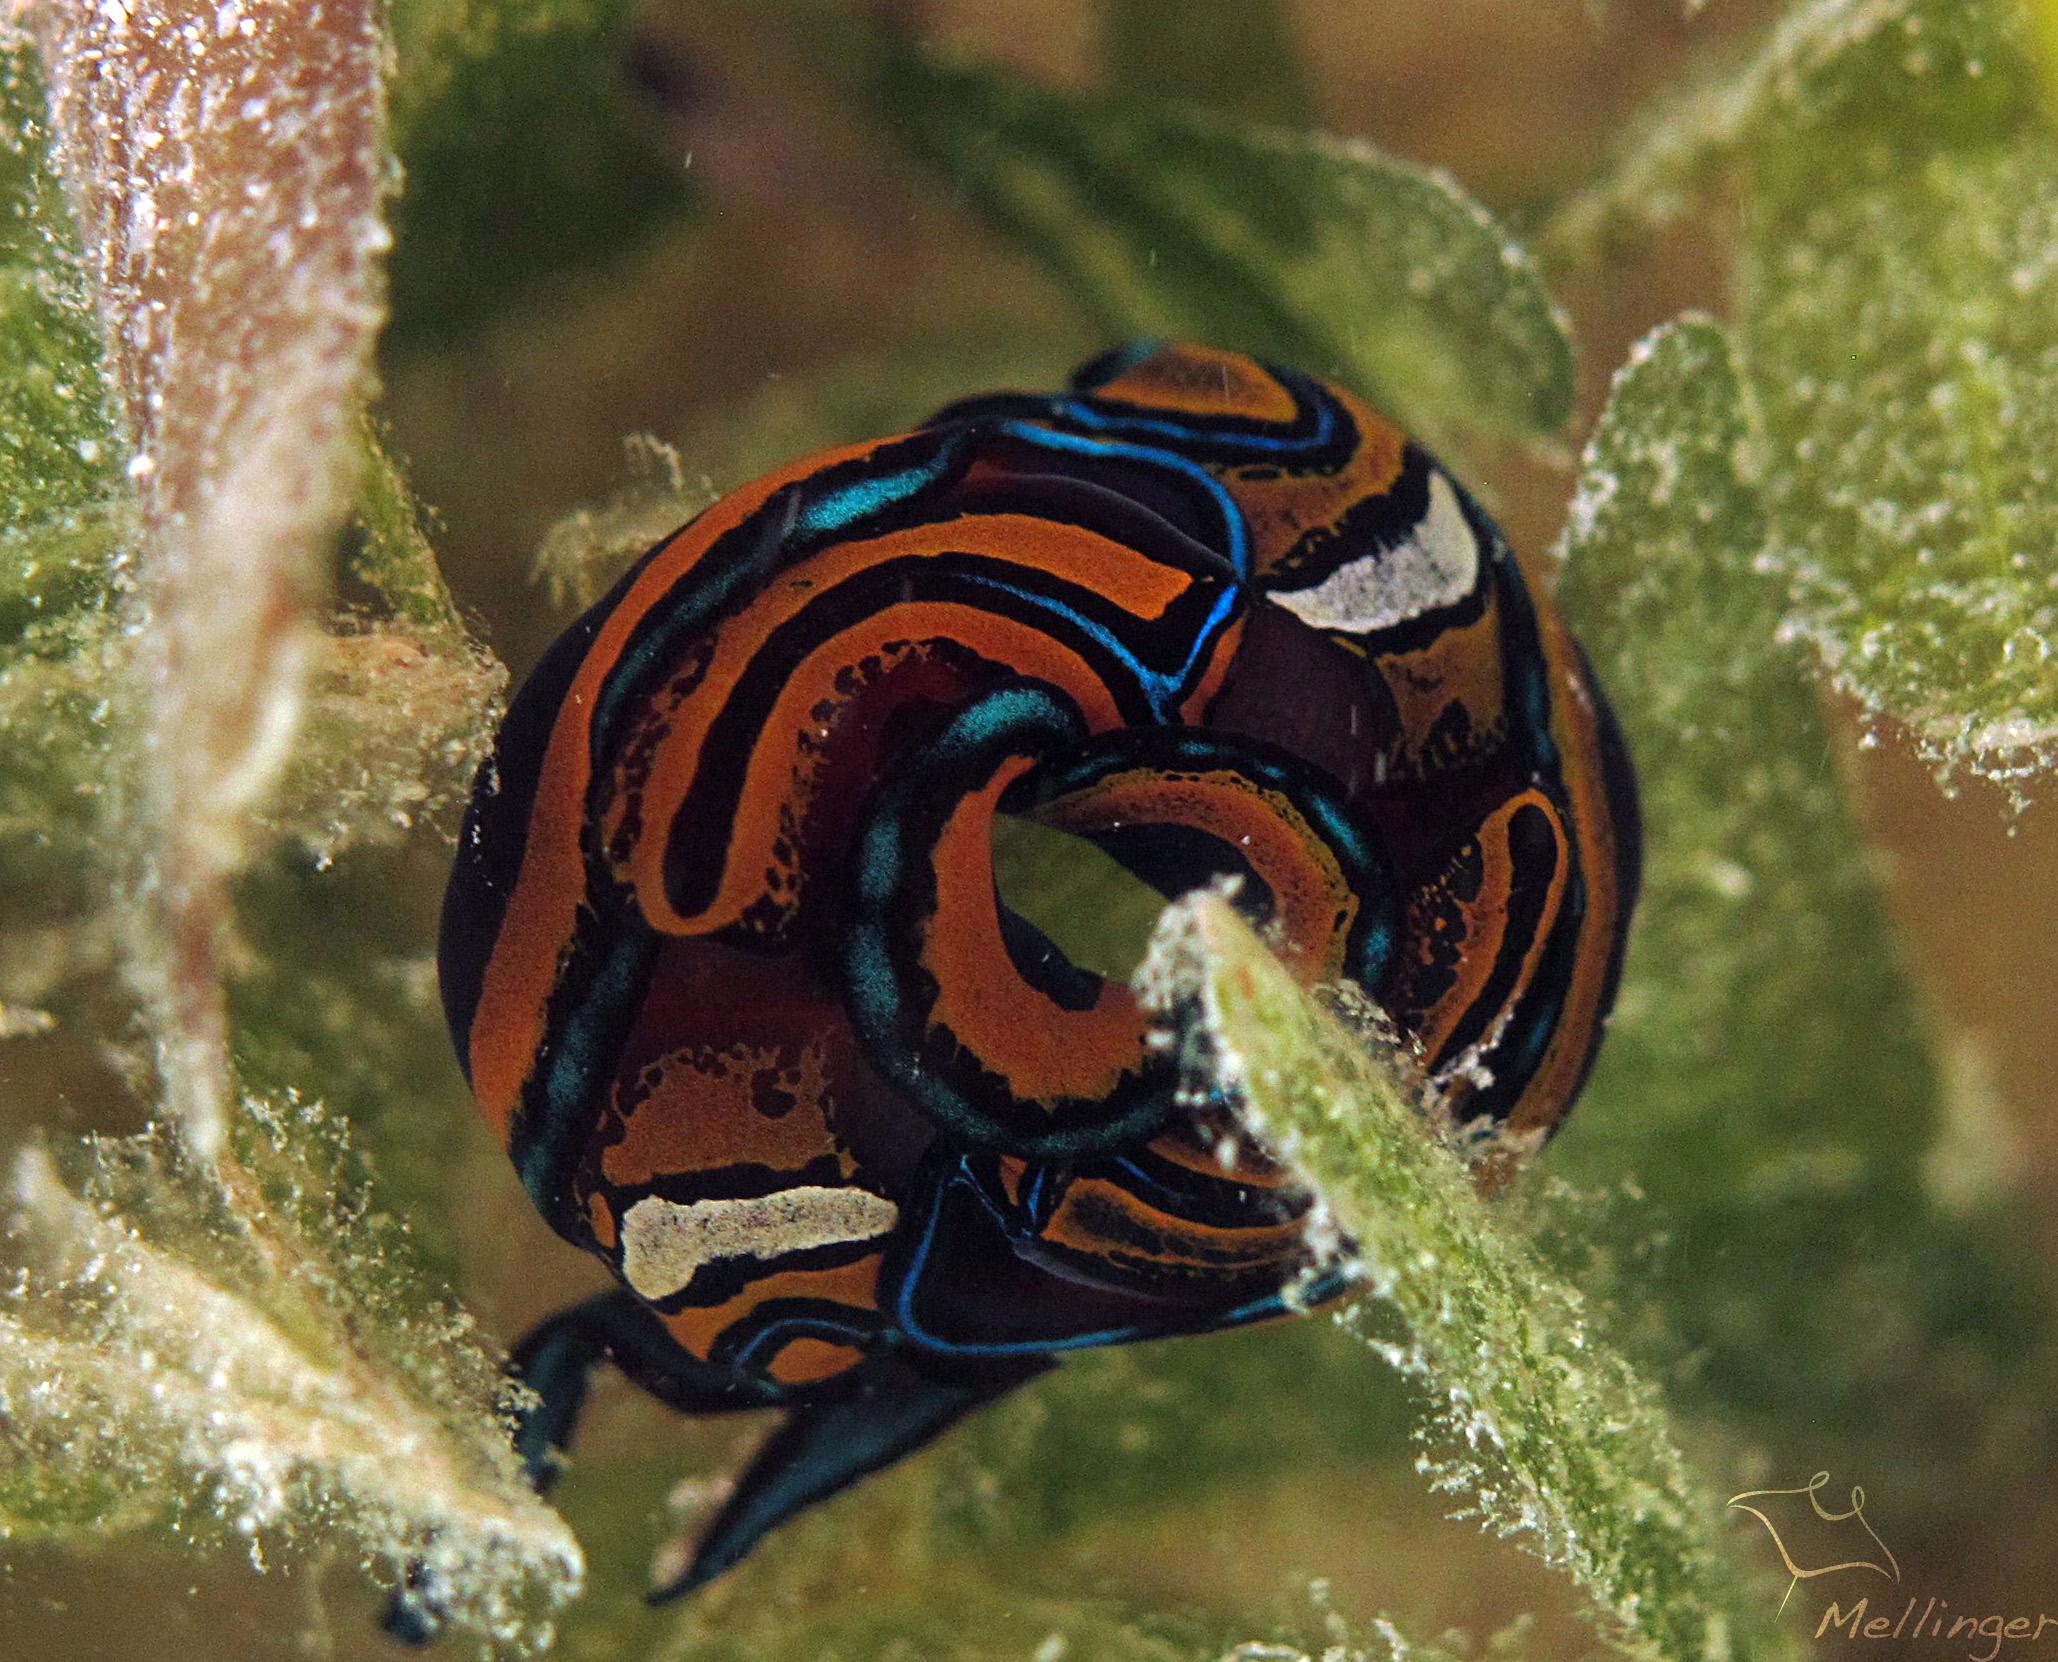 Chelidonura hirundinina